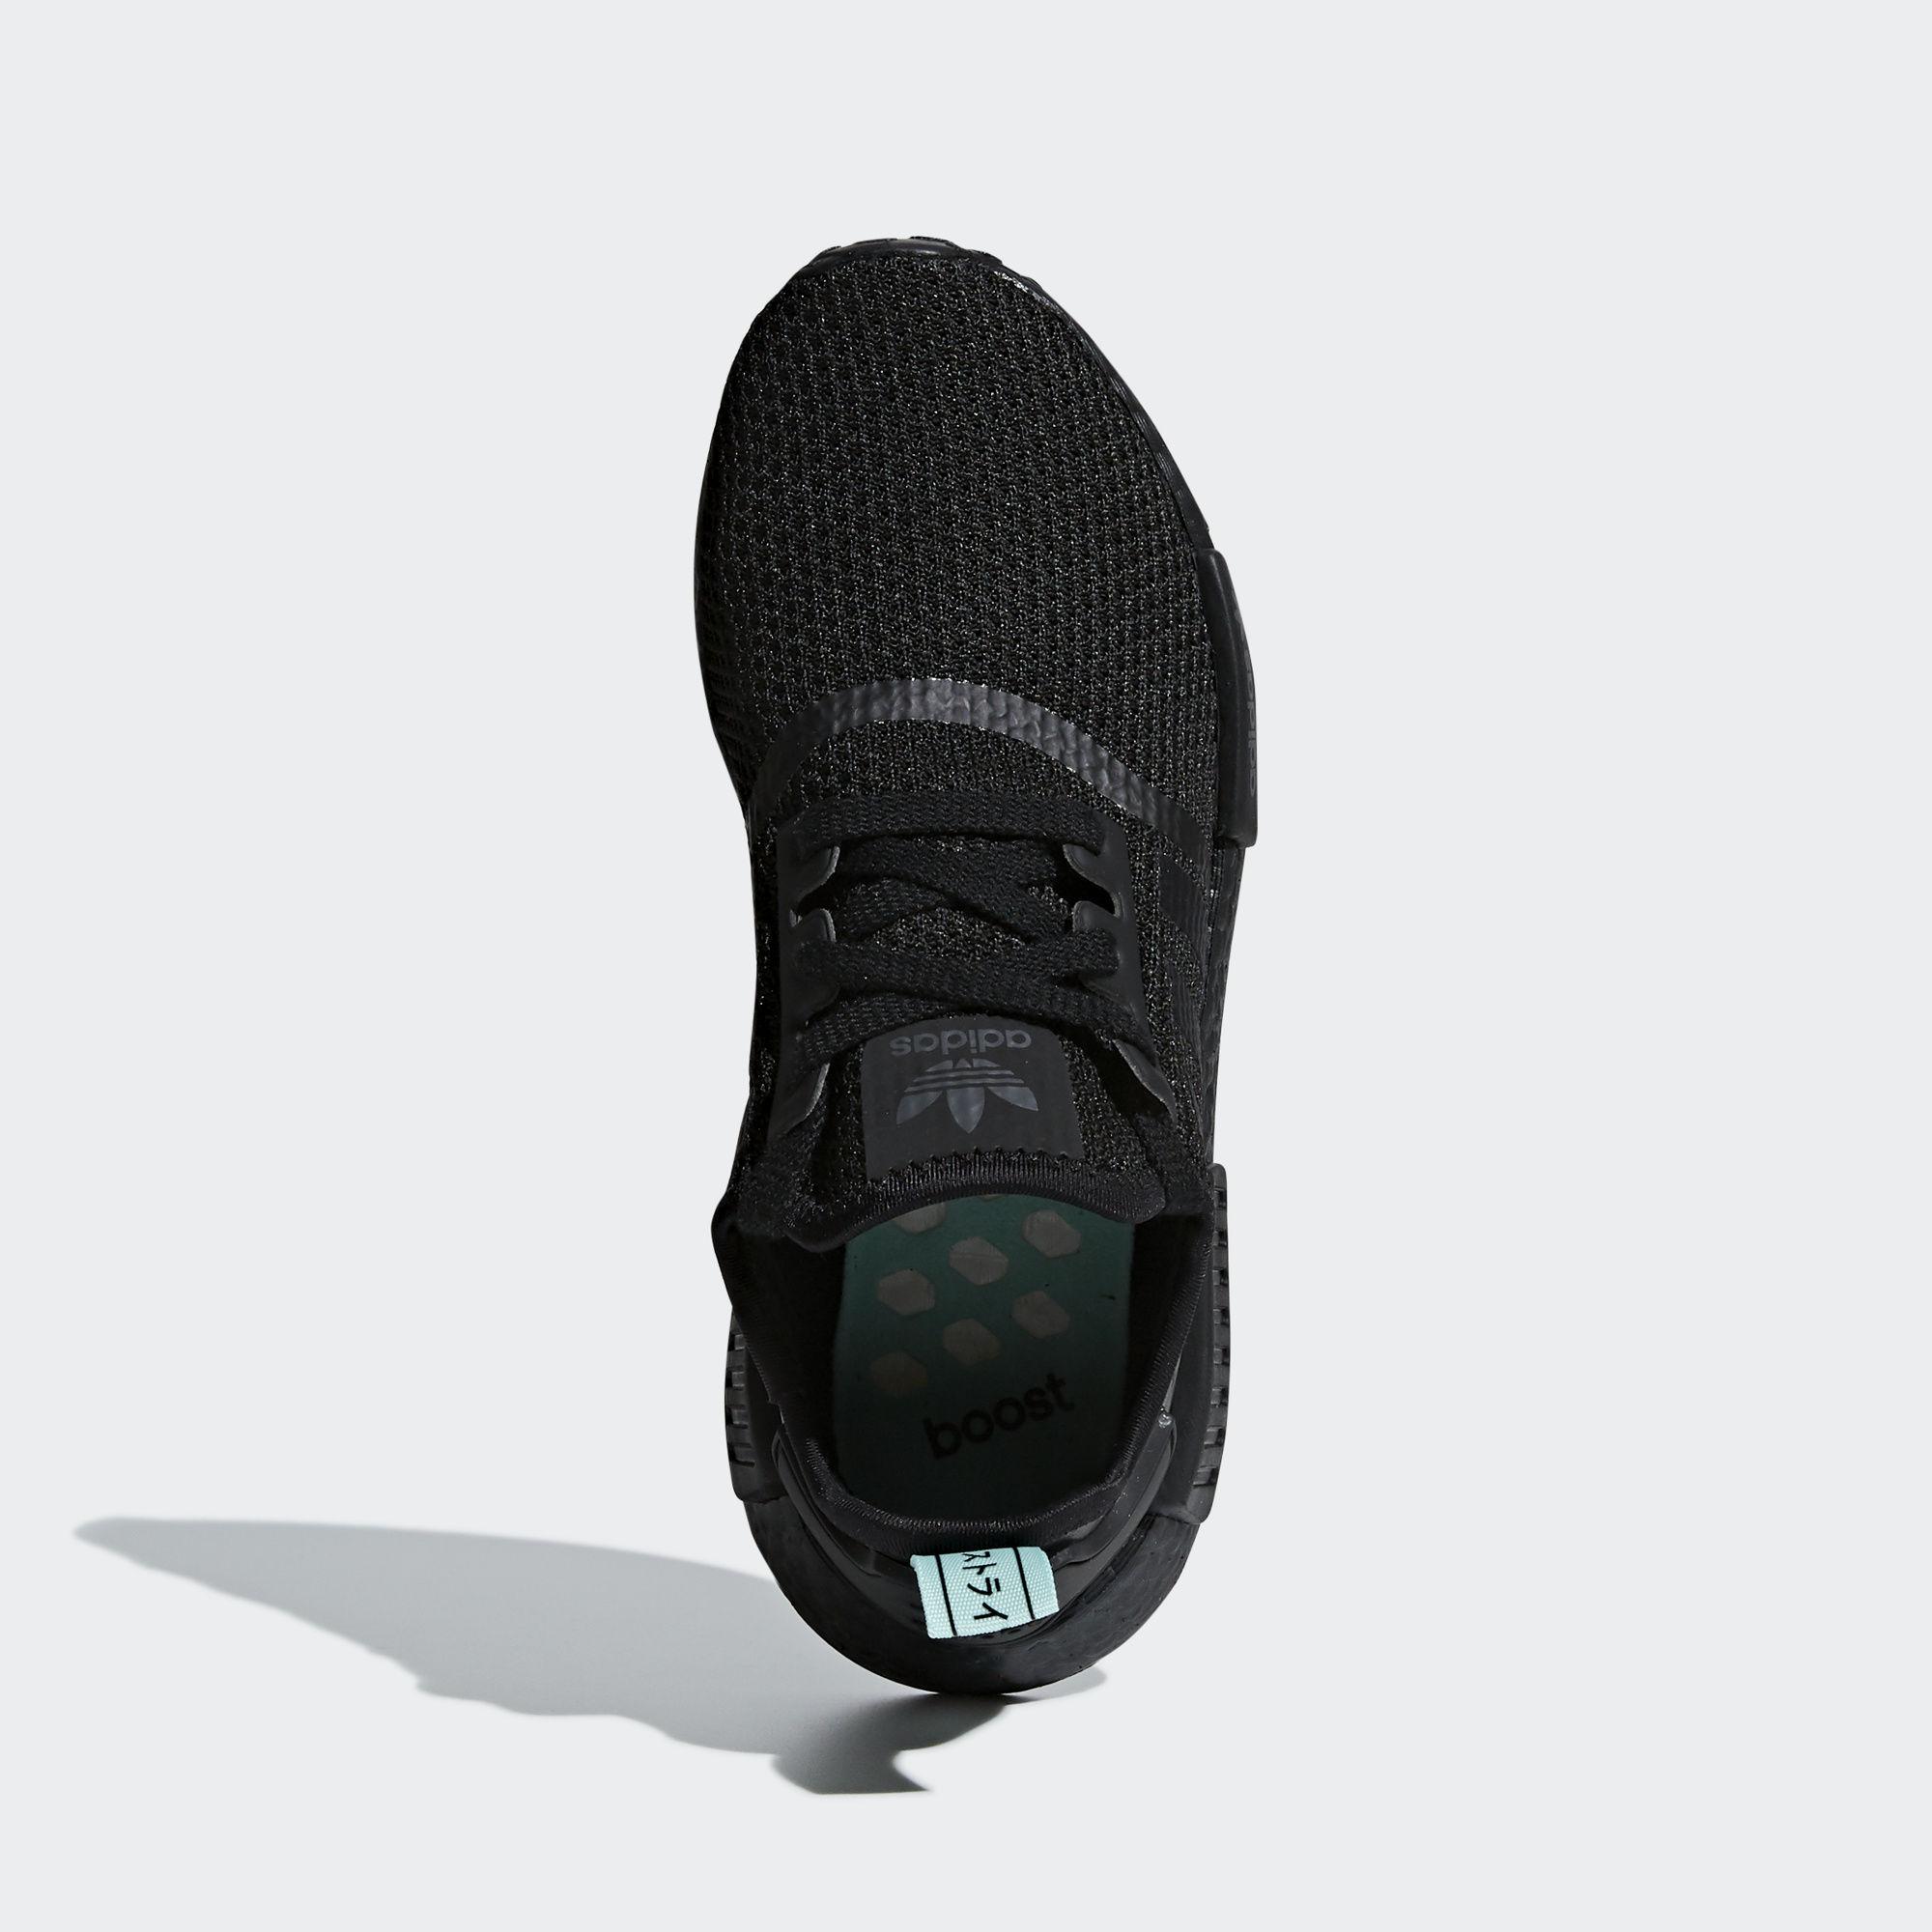 Adidas NMD_R1 Core Black / Core Black / Clear Mint (AQ1102)